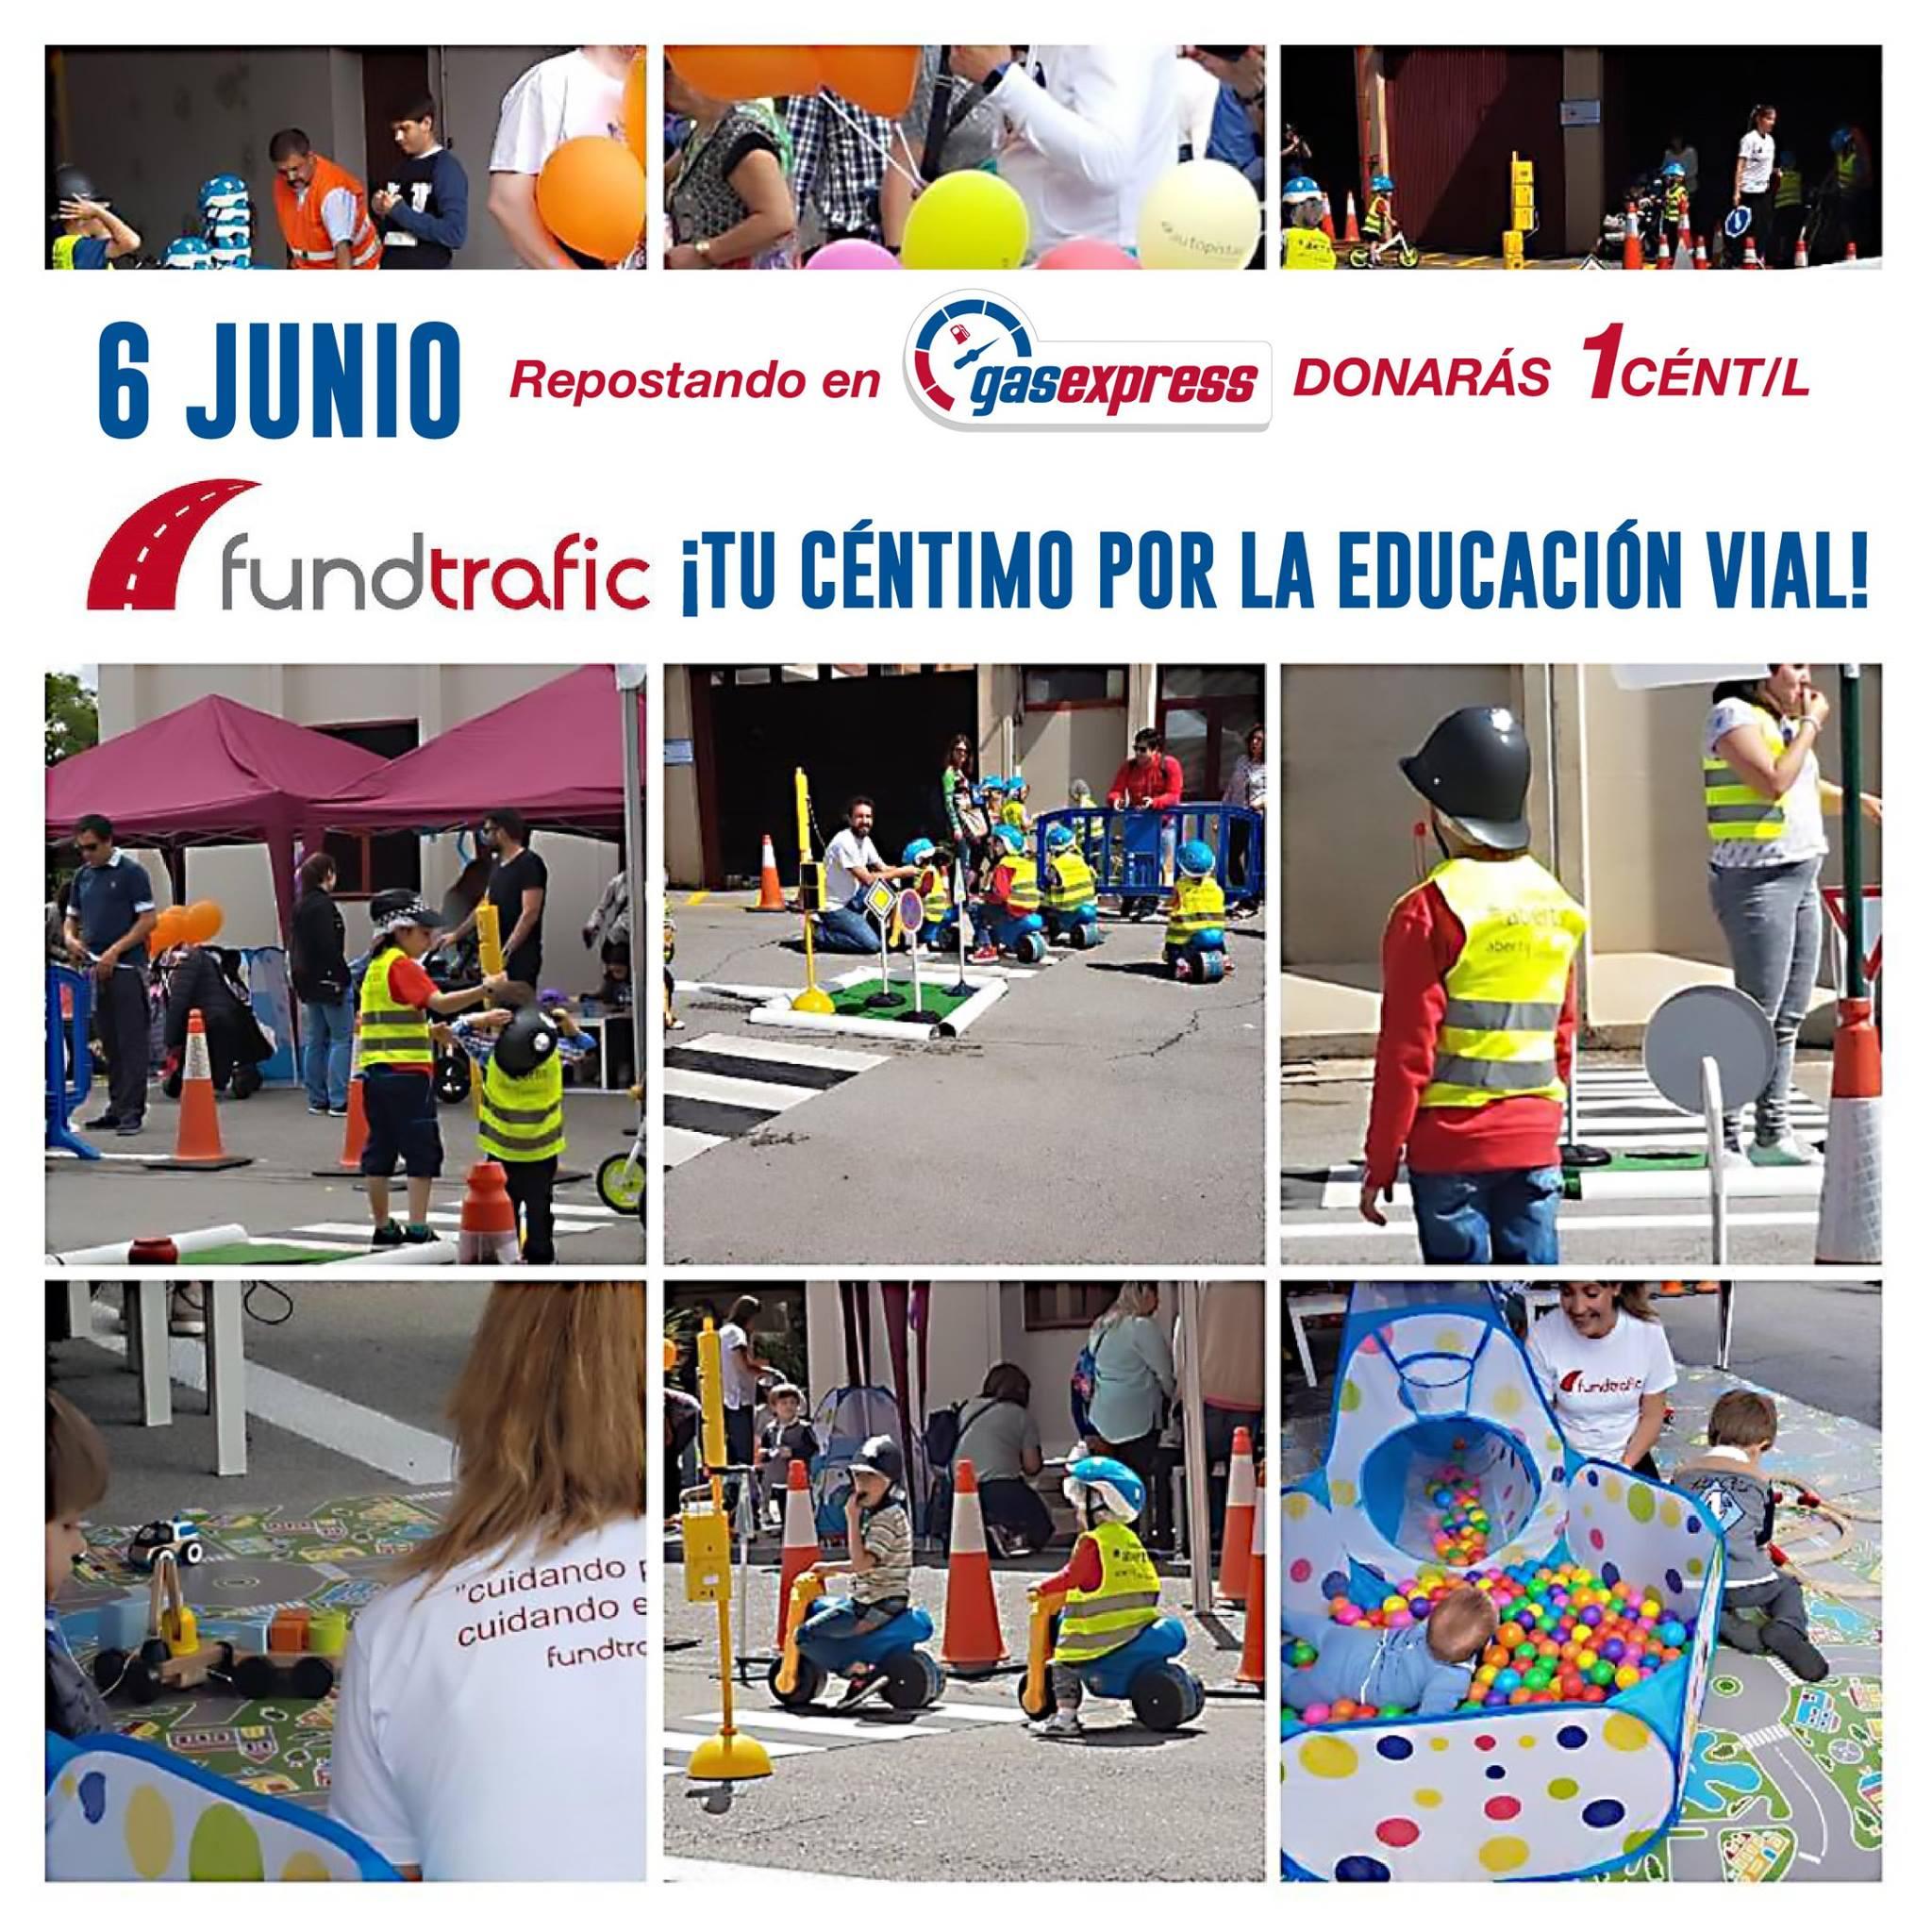 GasExpress donación educación vial infantil Fundtrafic